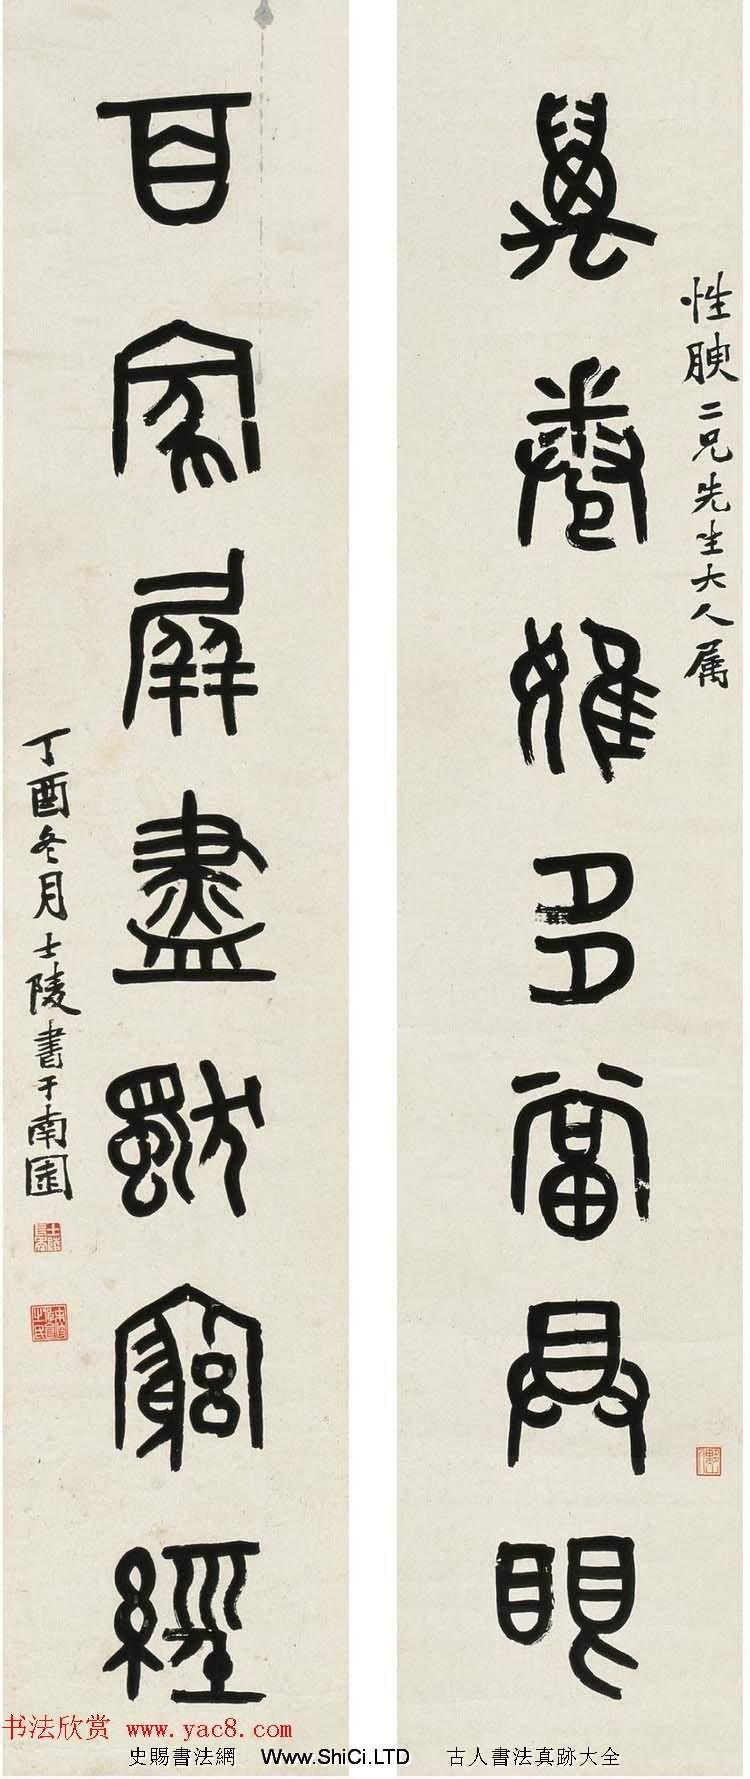 晚清著名書畫篆刻家黃士陵篆書作品真跡欣賞(共36張圖片)